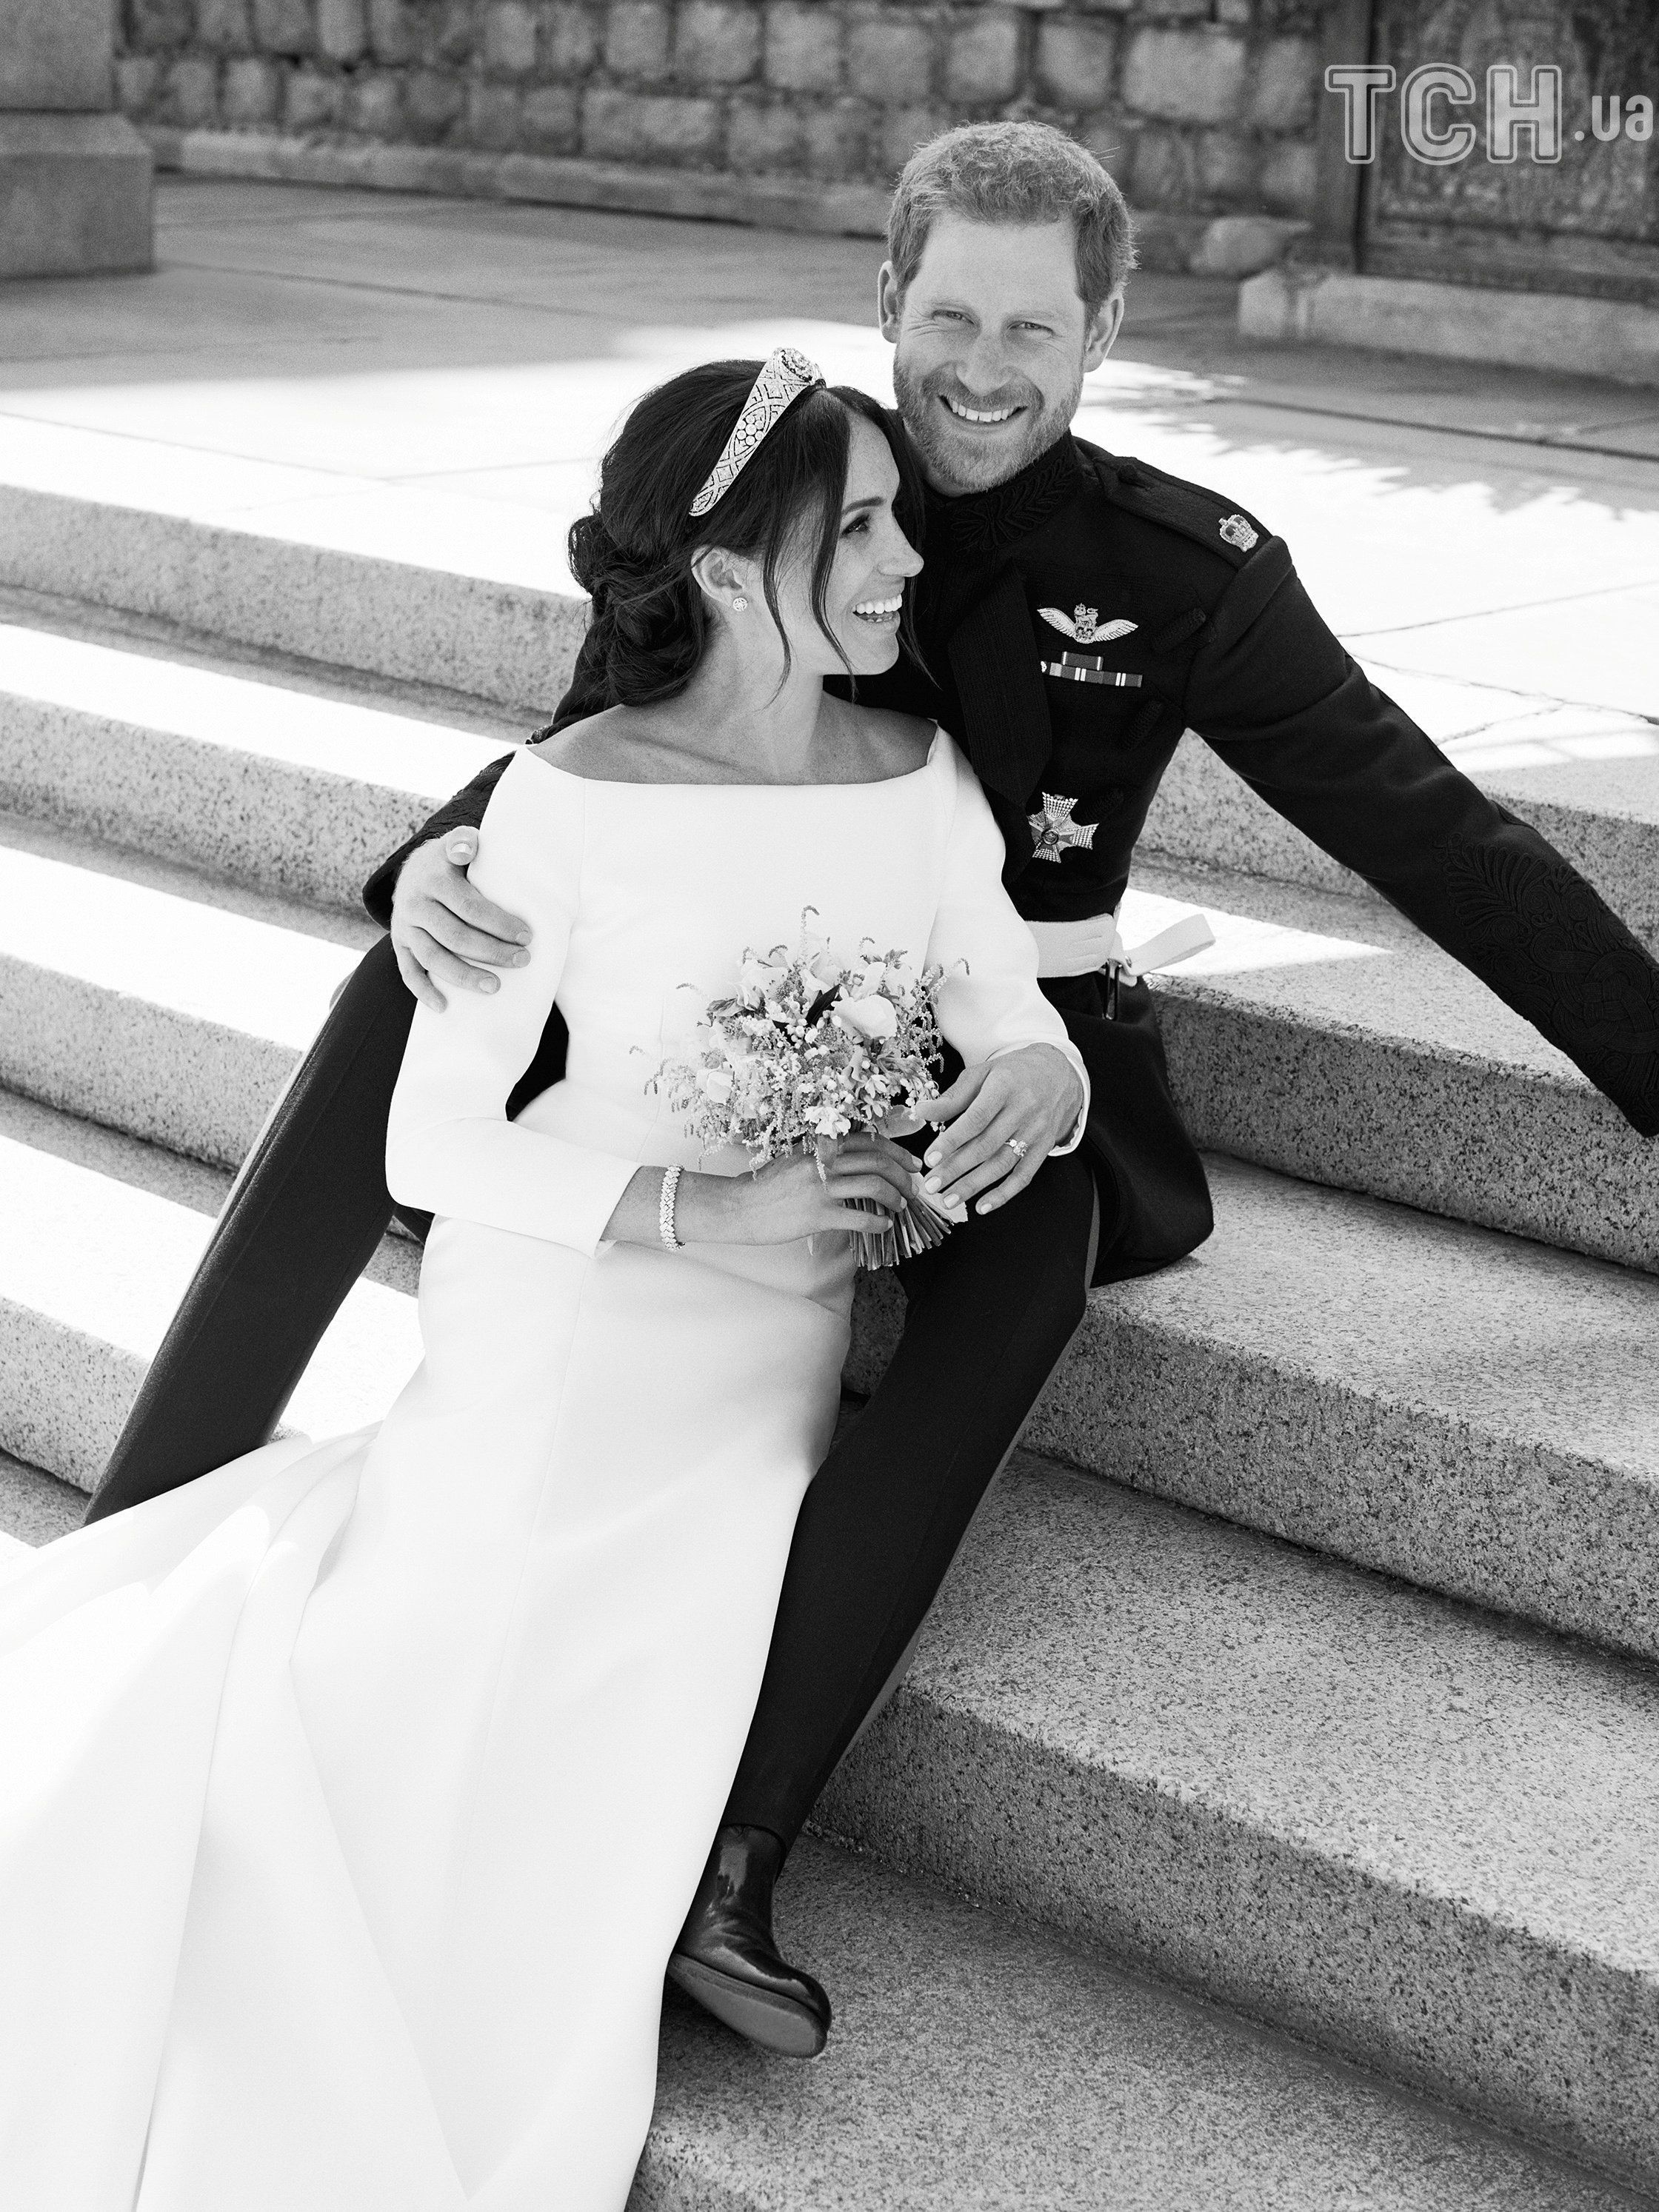 Принц Гаррі та Меган, перші весільні фото_3